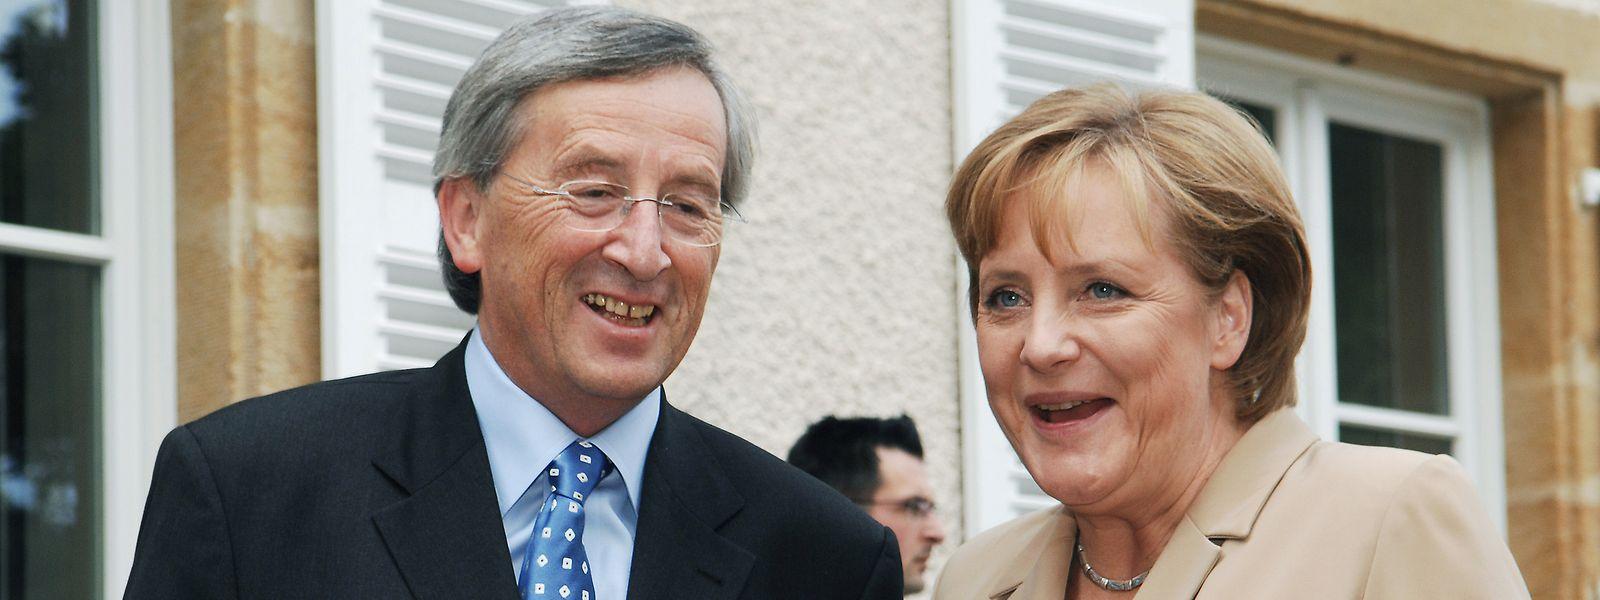 Avant même l'accession d'Angela Merkel à la chancellerie, Jean-Claude Juncker l'a côtoyée comme ministre de la Famille.